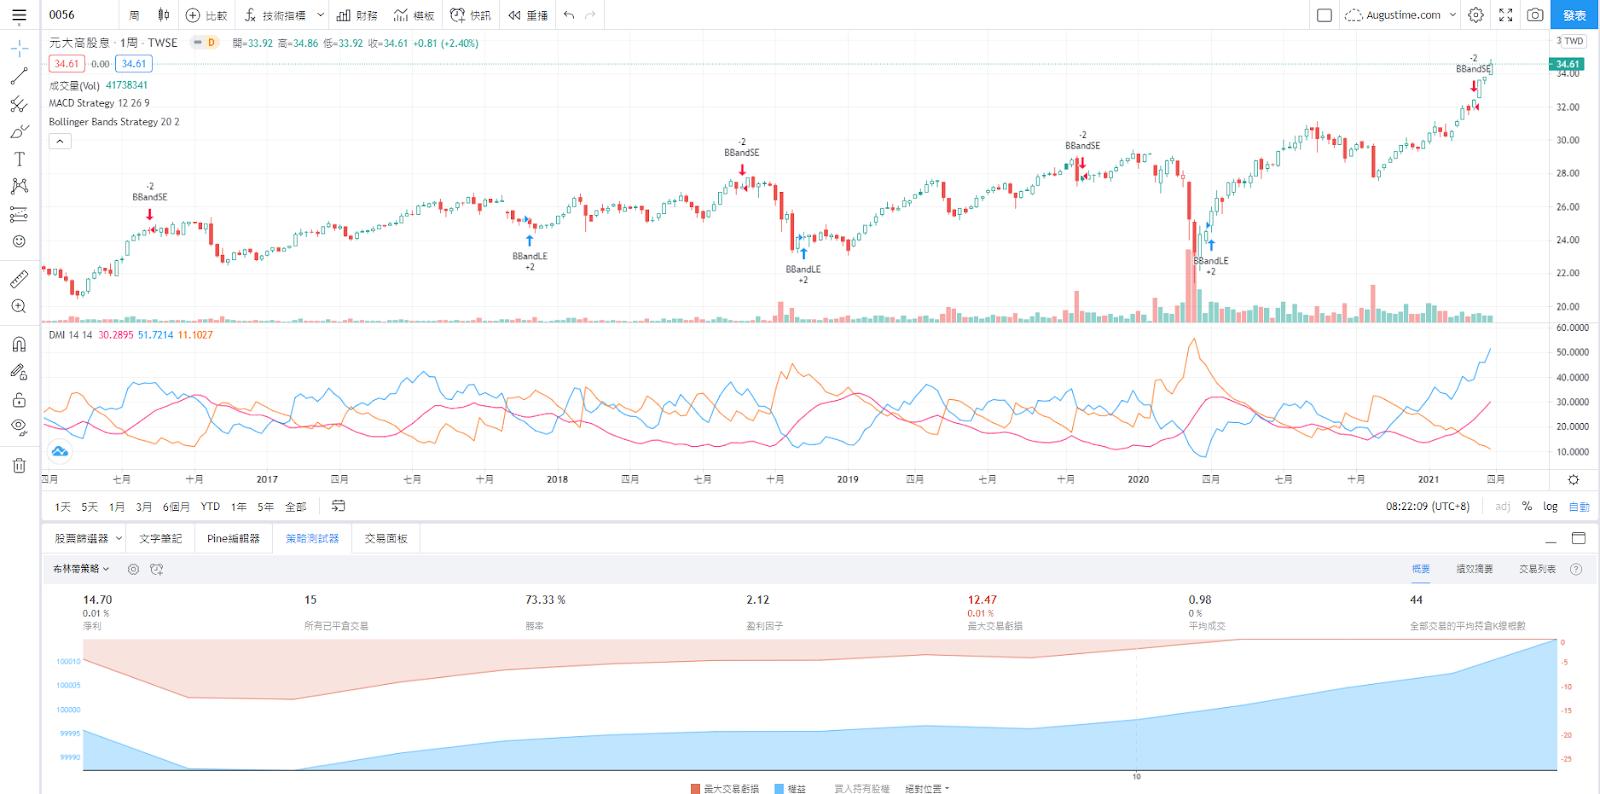 元大0056股價即時走勢與K線圖